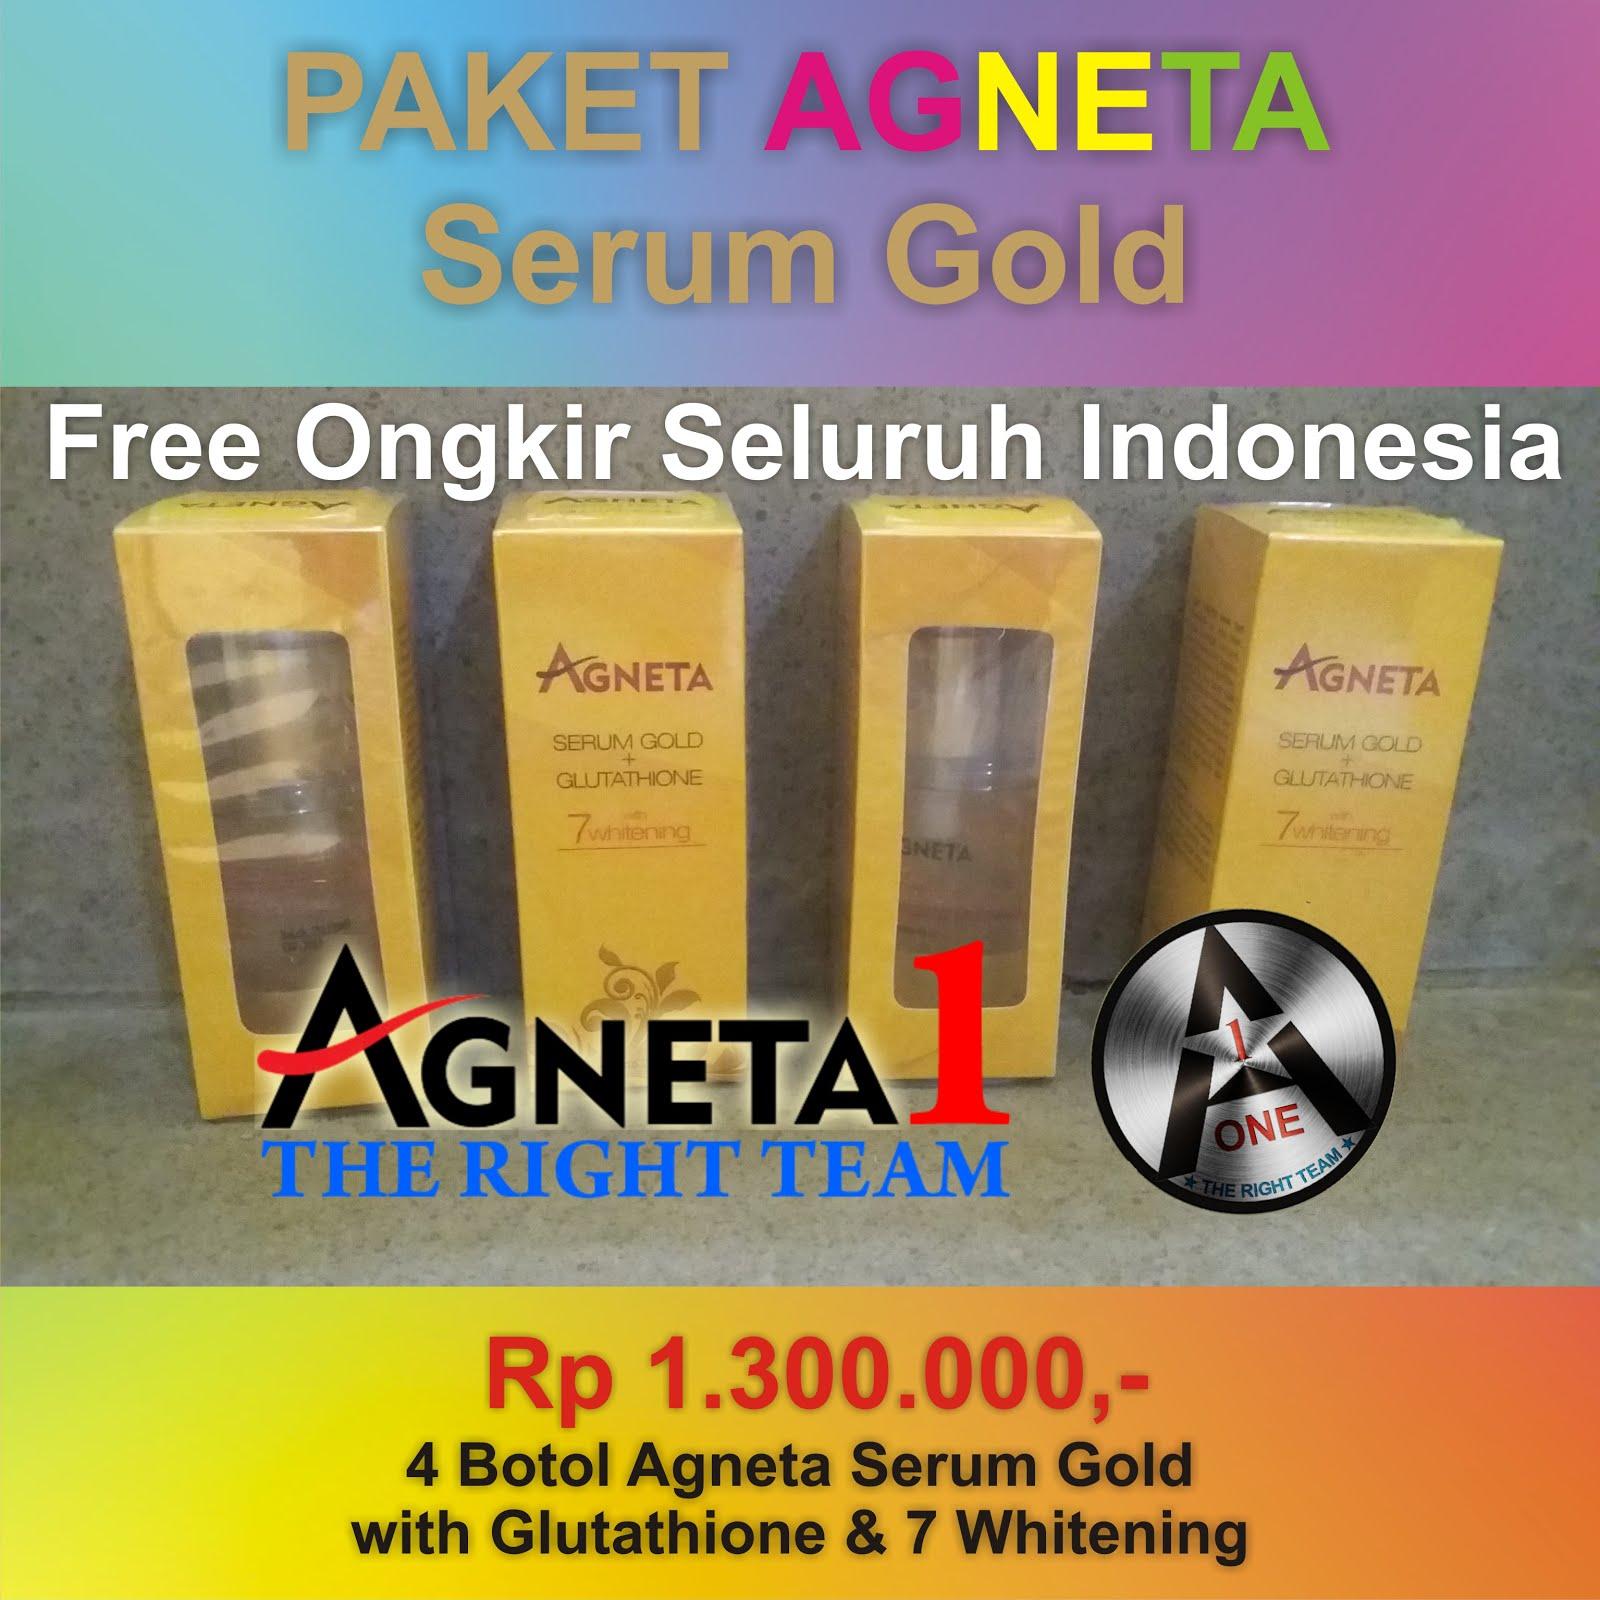 Paket Serum Agneta Gold